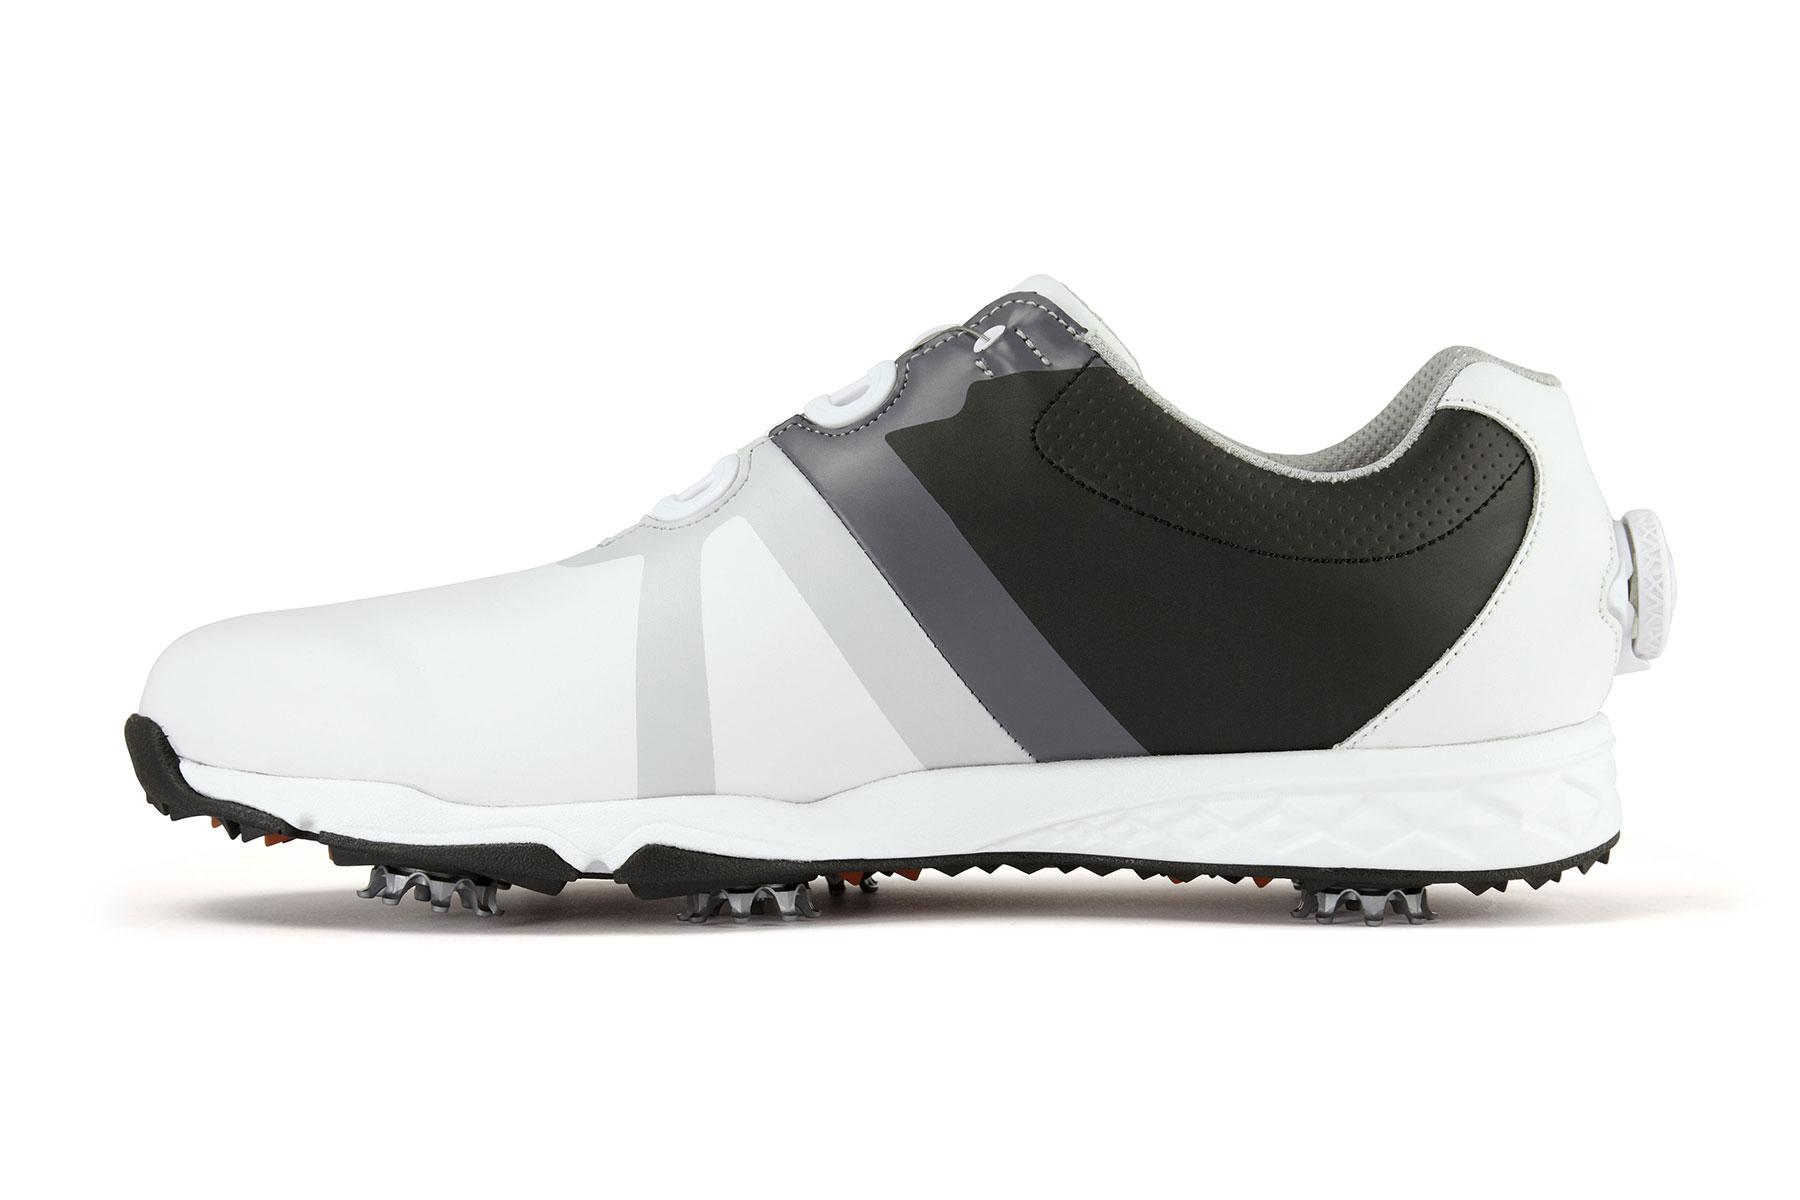 Footjoy Boa Golf Shoes Uk